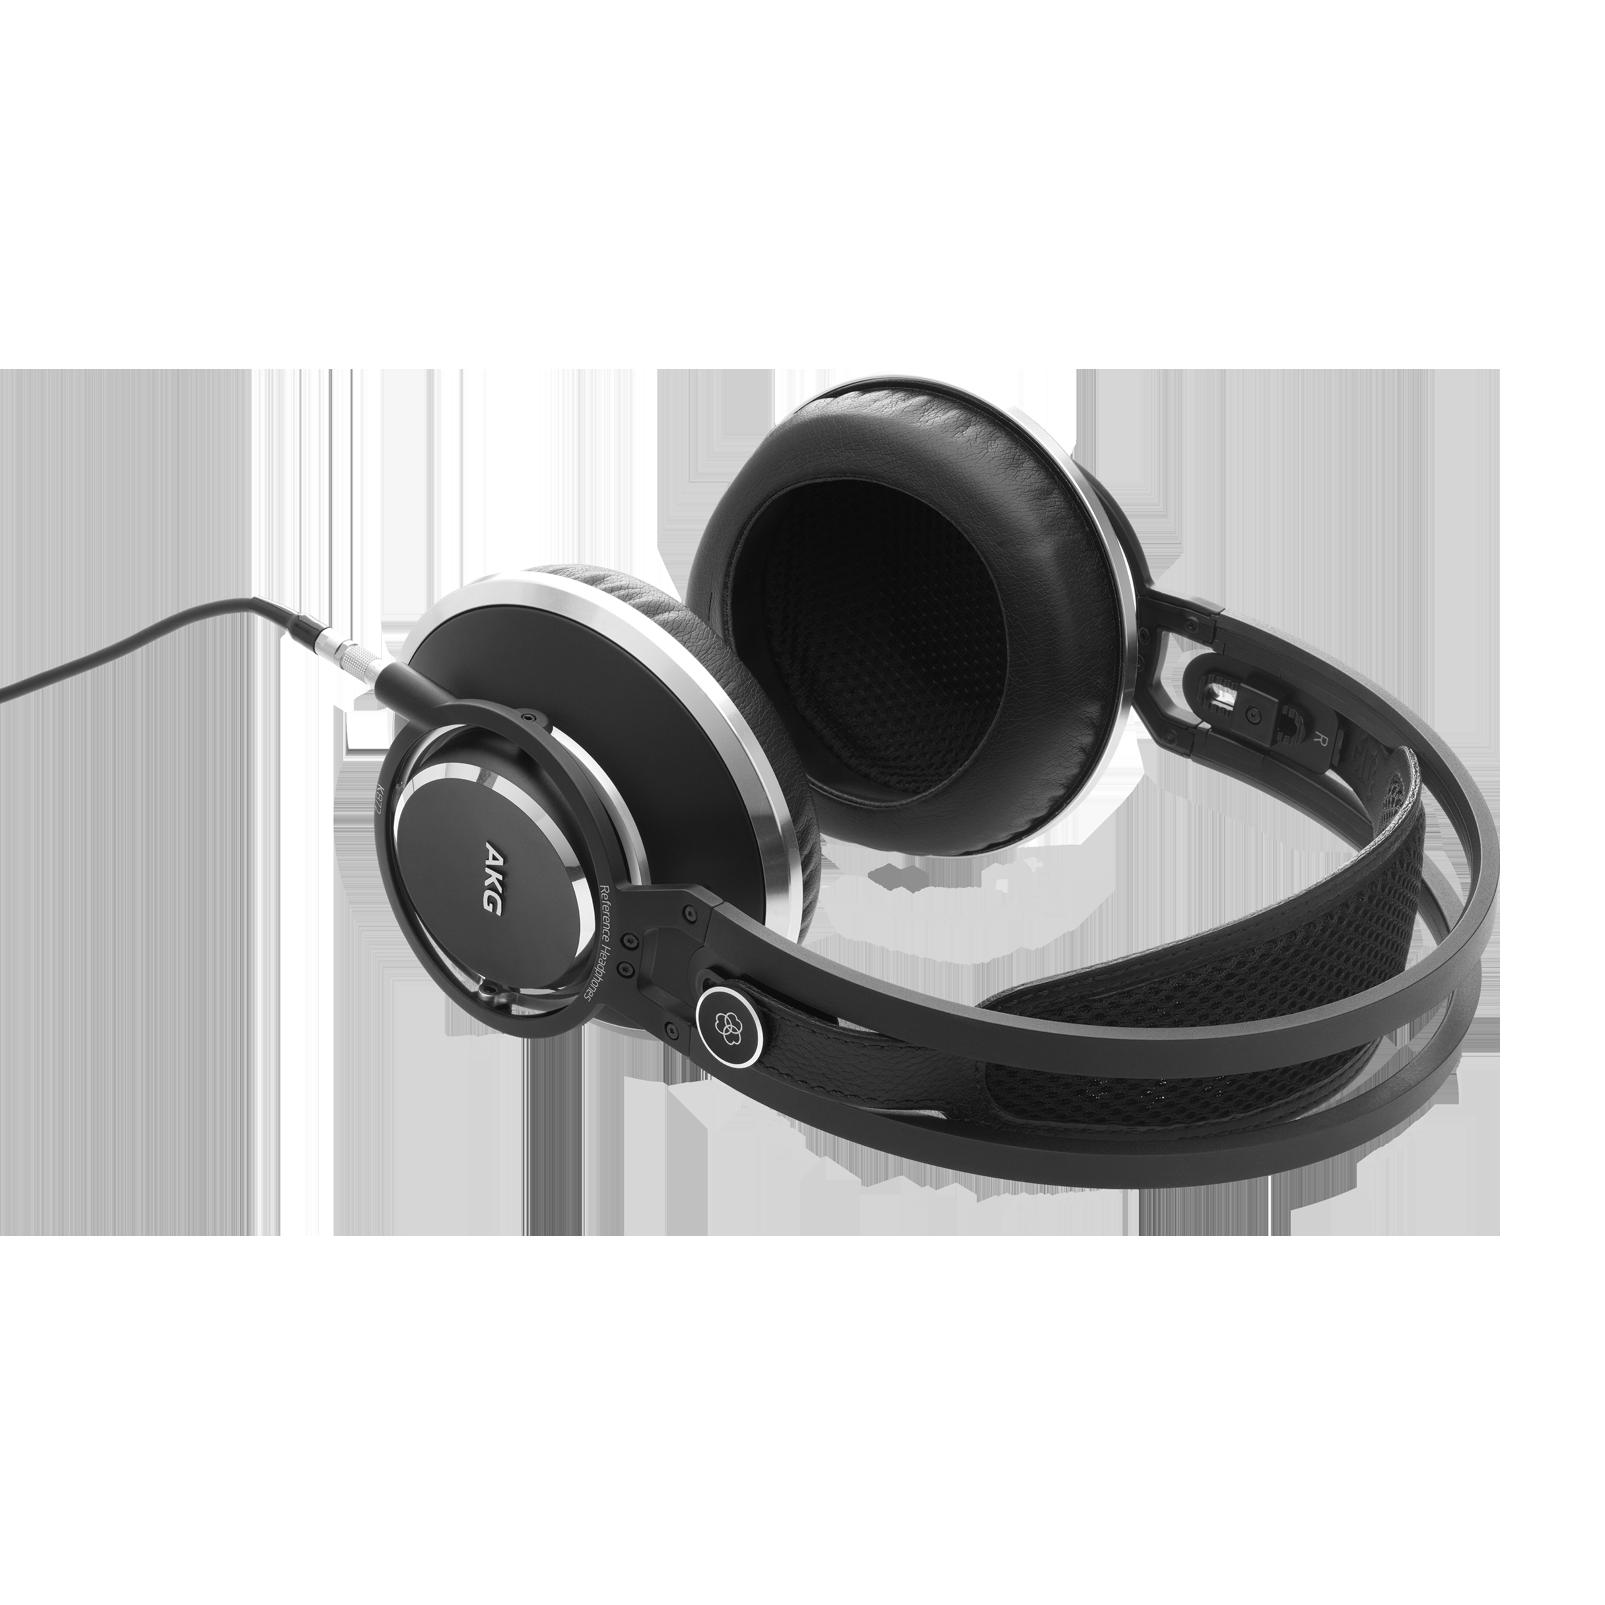 K872 - Black - Master reference closed-back headphones - Detailshot 2